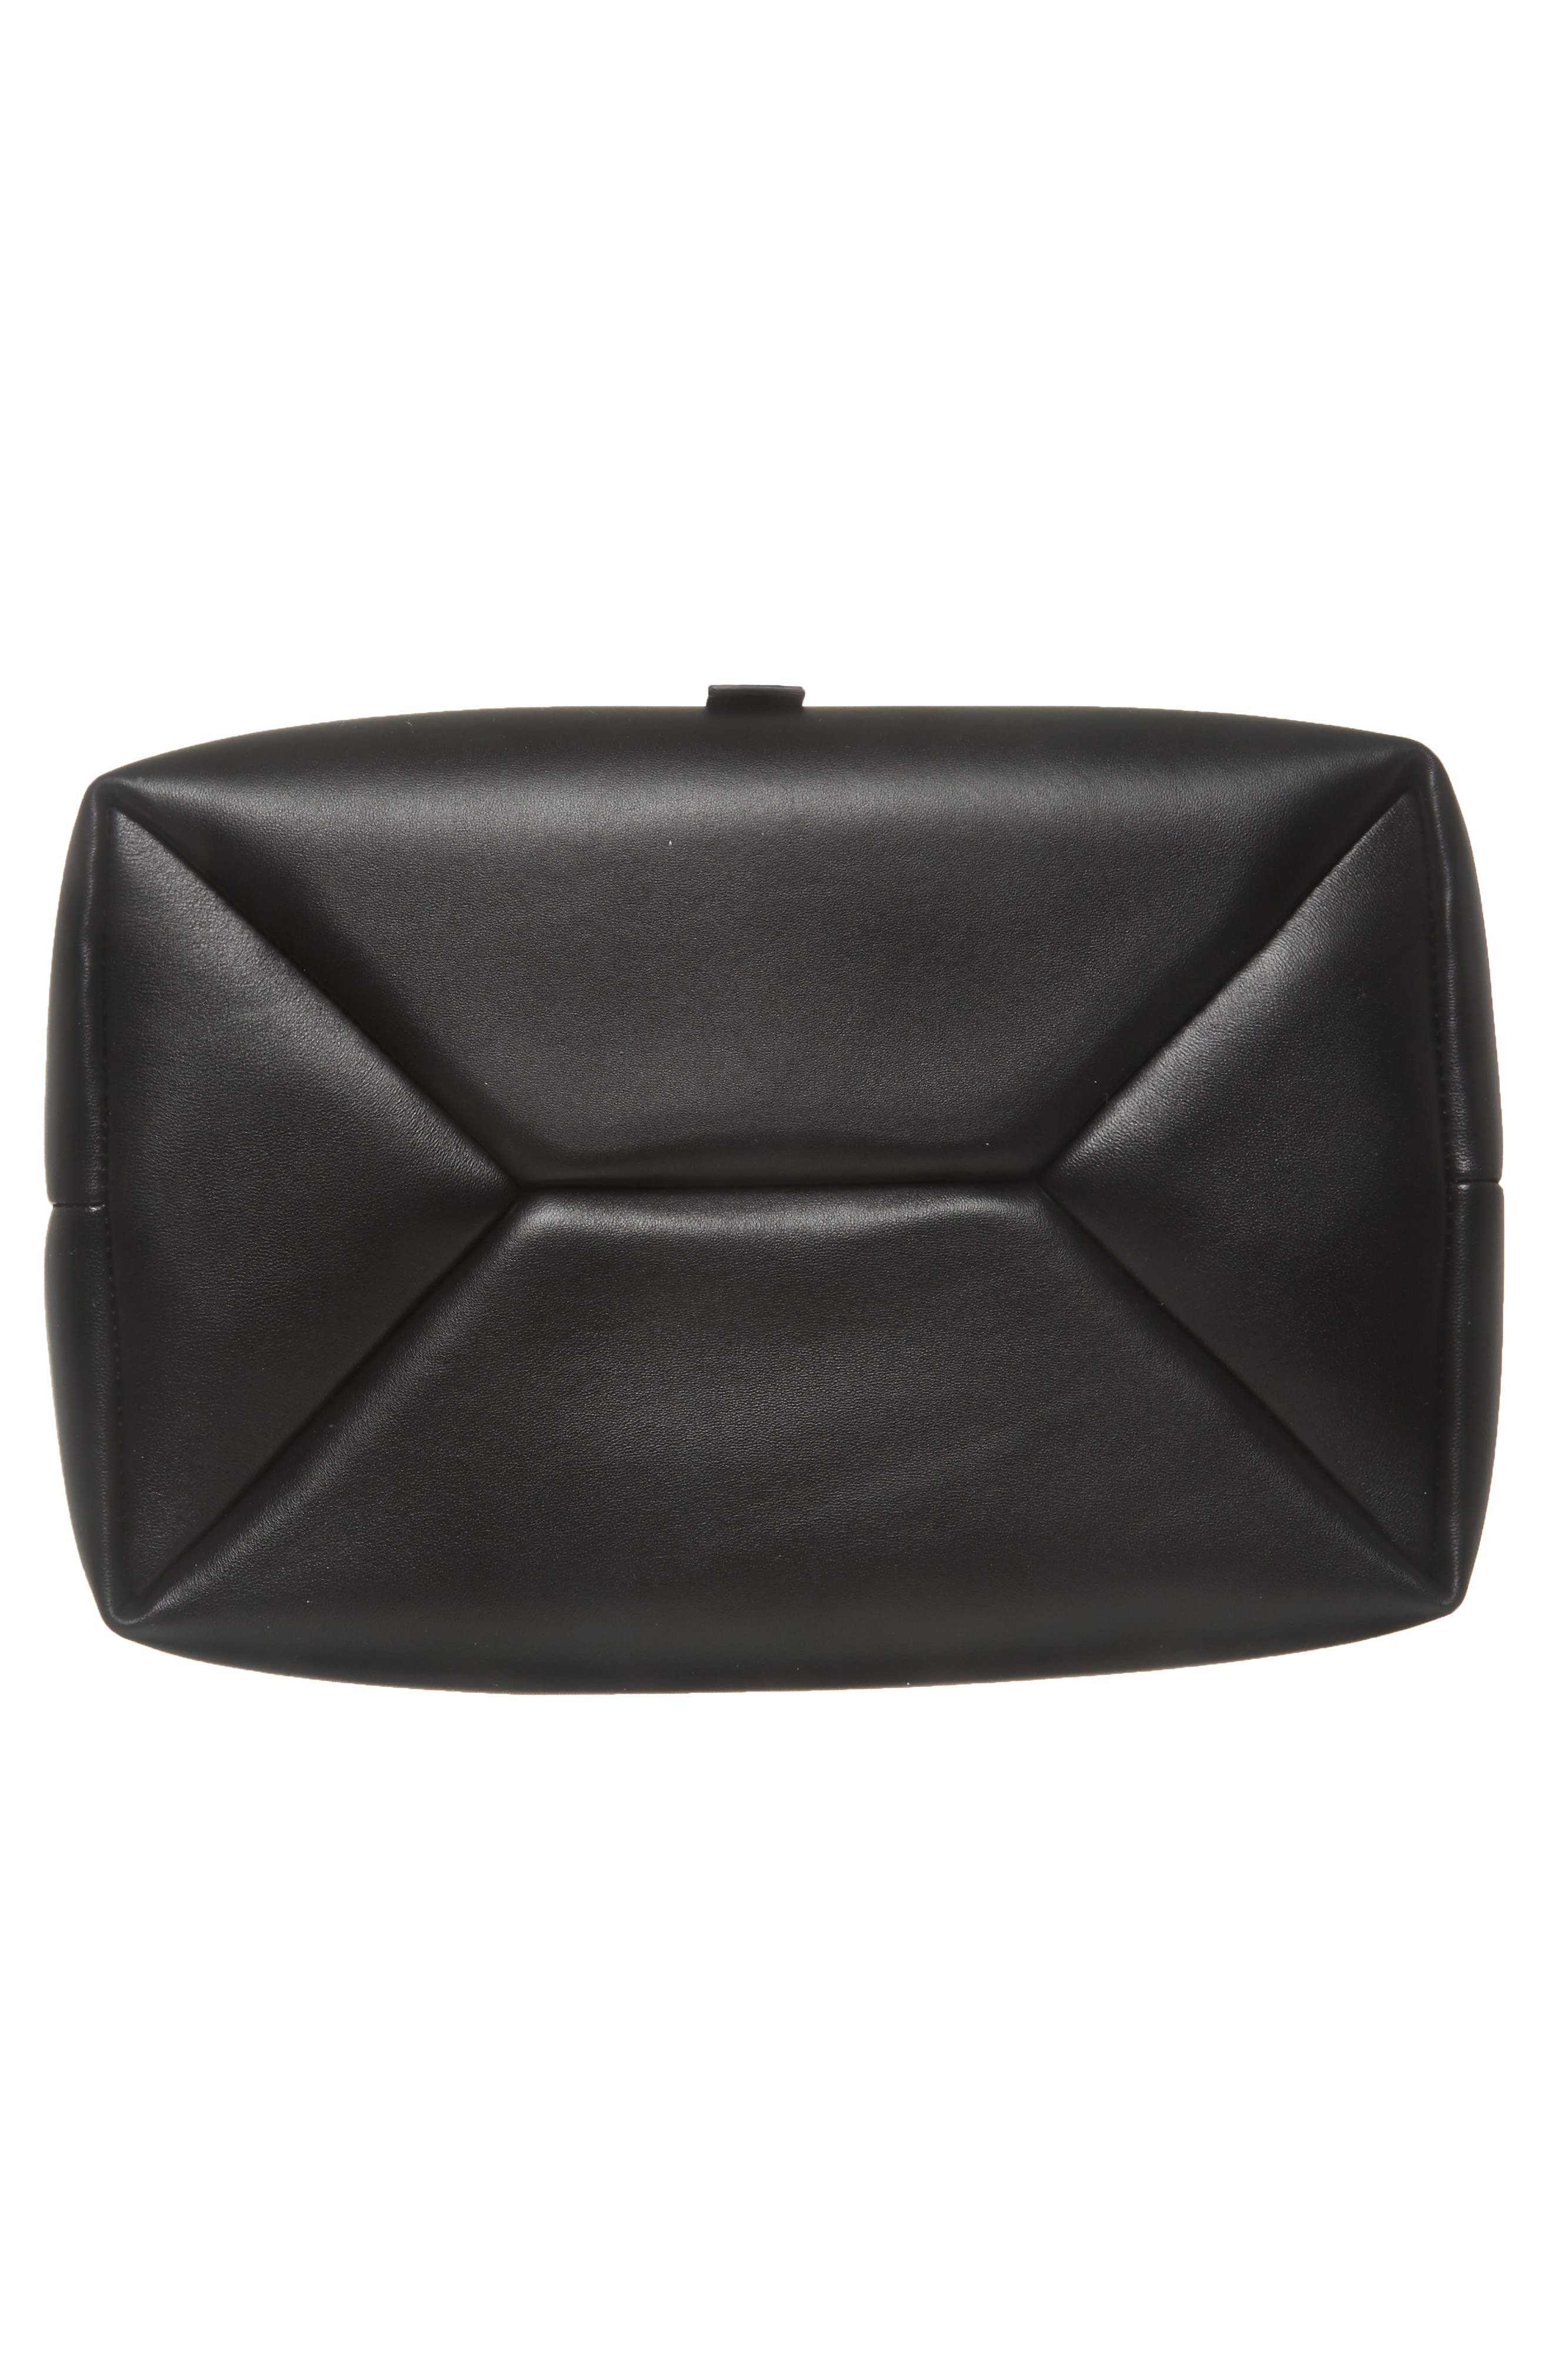 Frame Leather Shoulder Bag,                             Alternate thumbnail 6, color,                             002